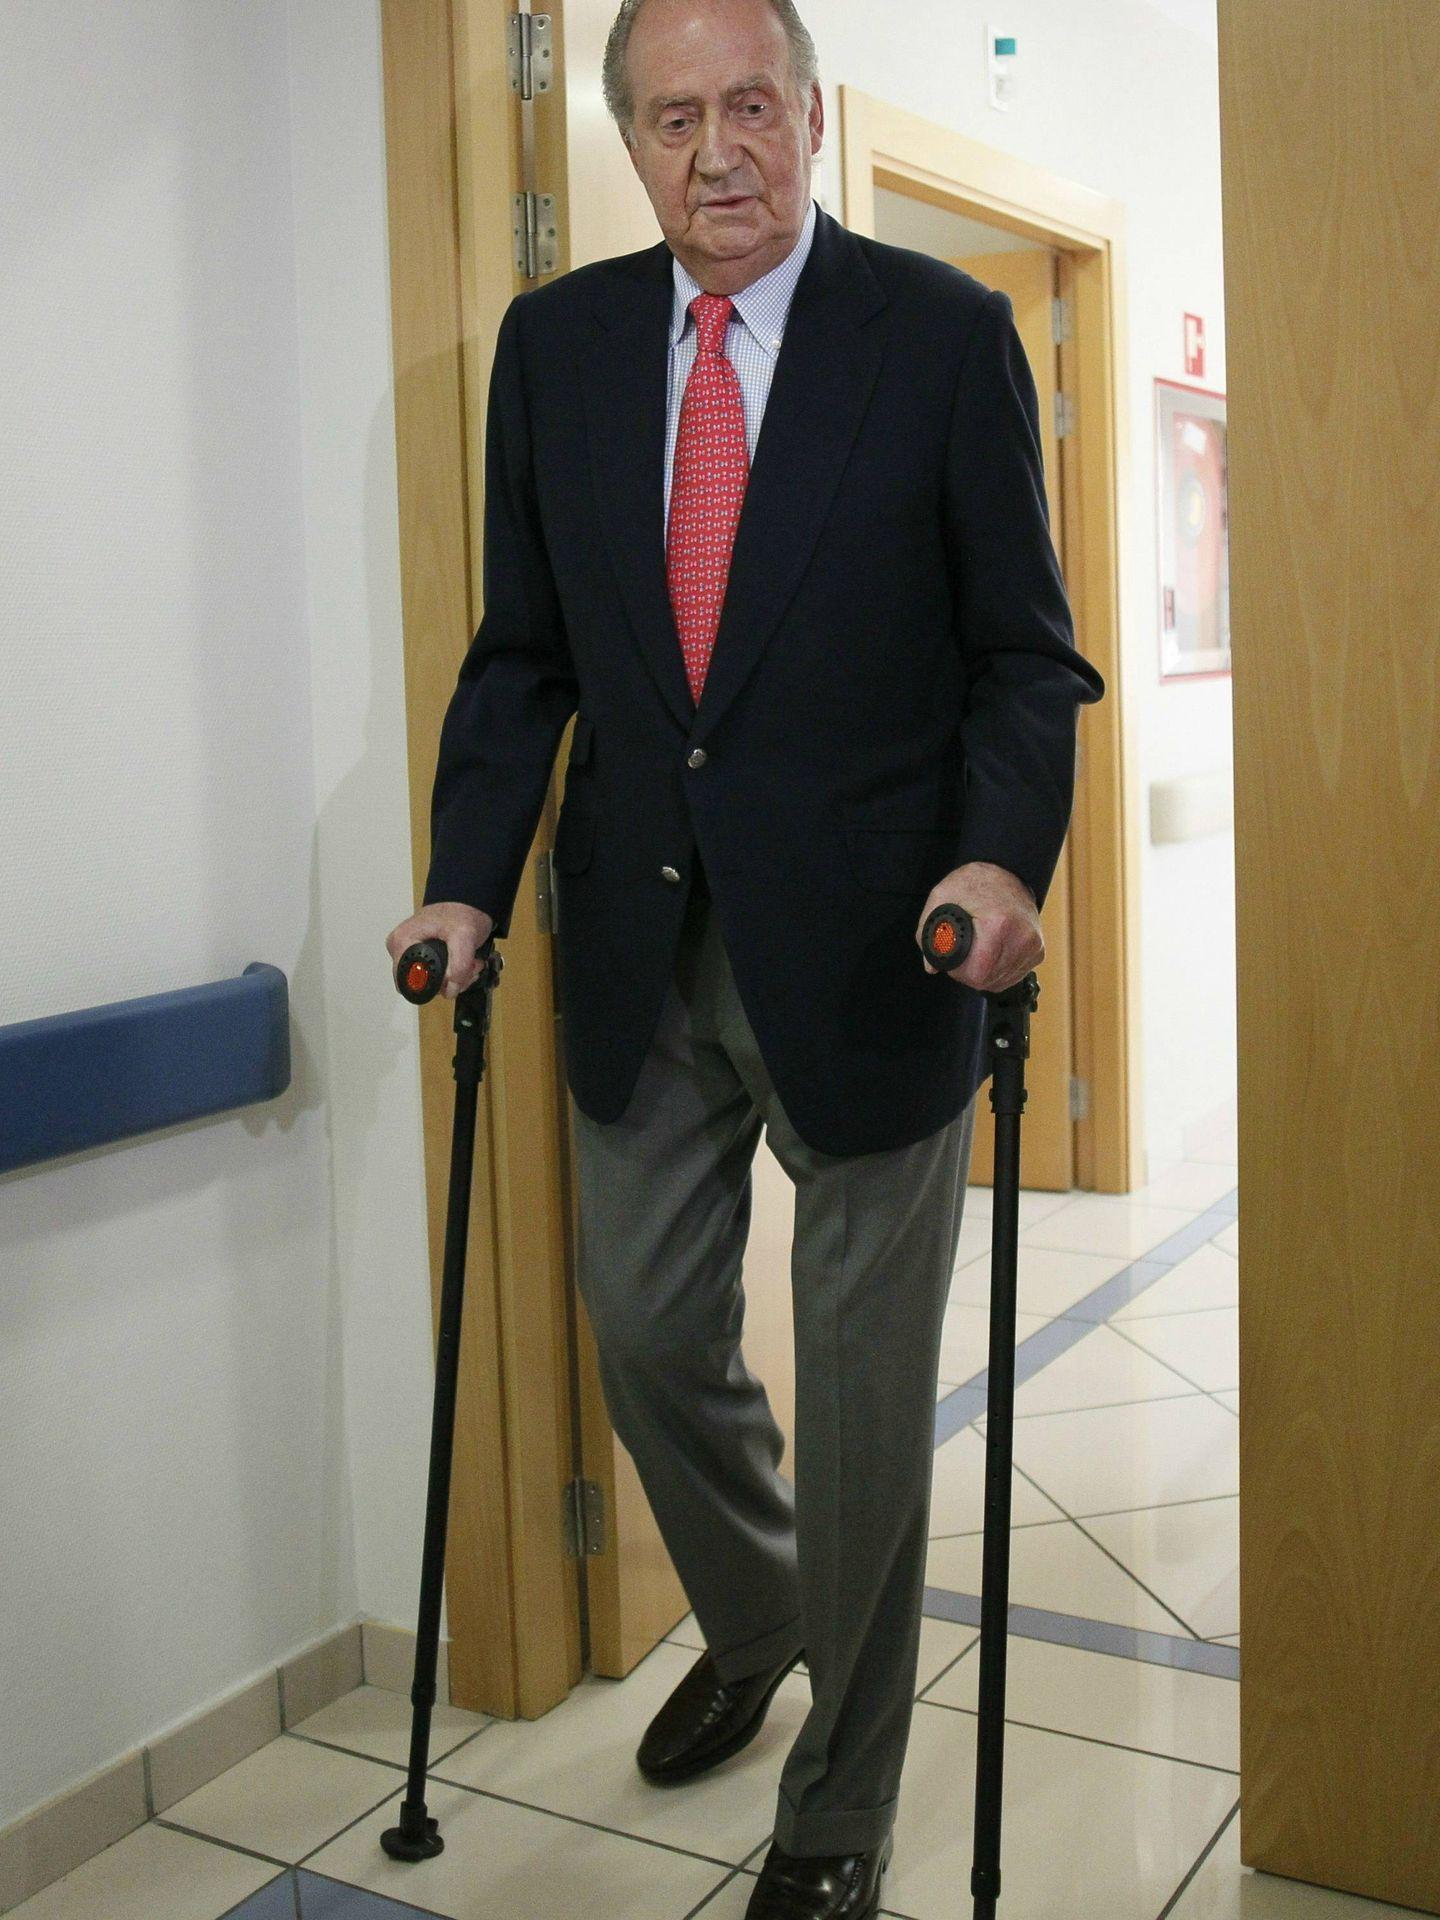 El rey Juan Carlos, tras su operación de cadera al volver de Botsuana. (Getty)